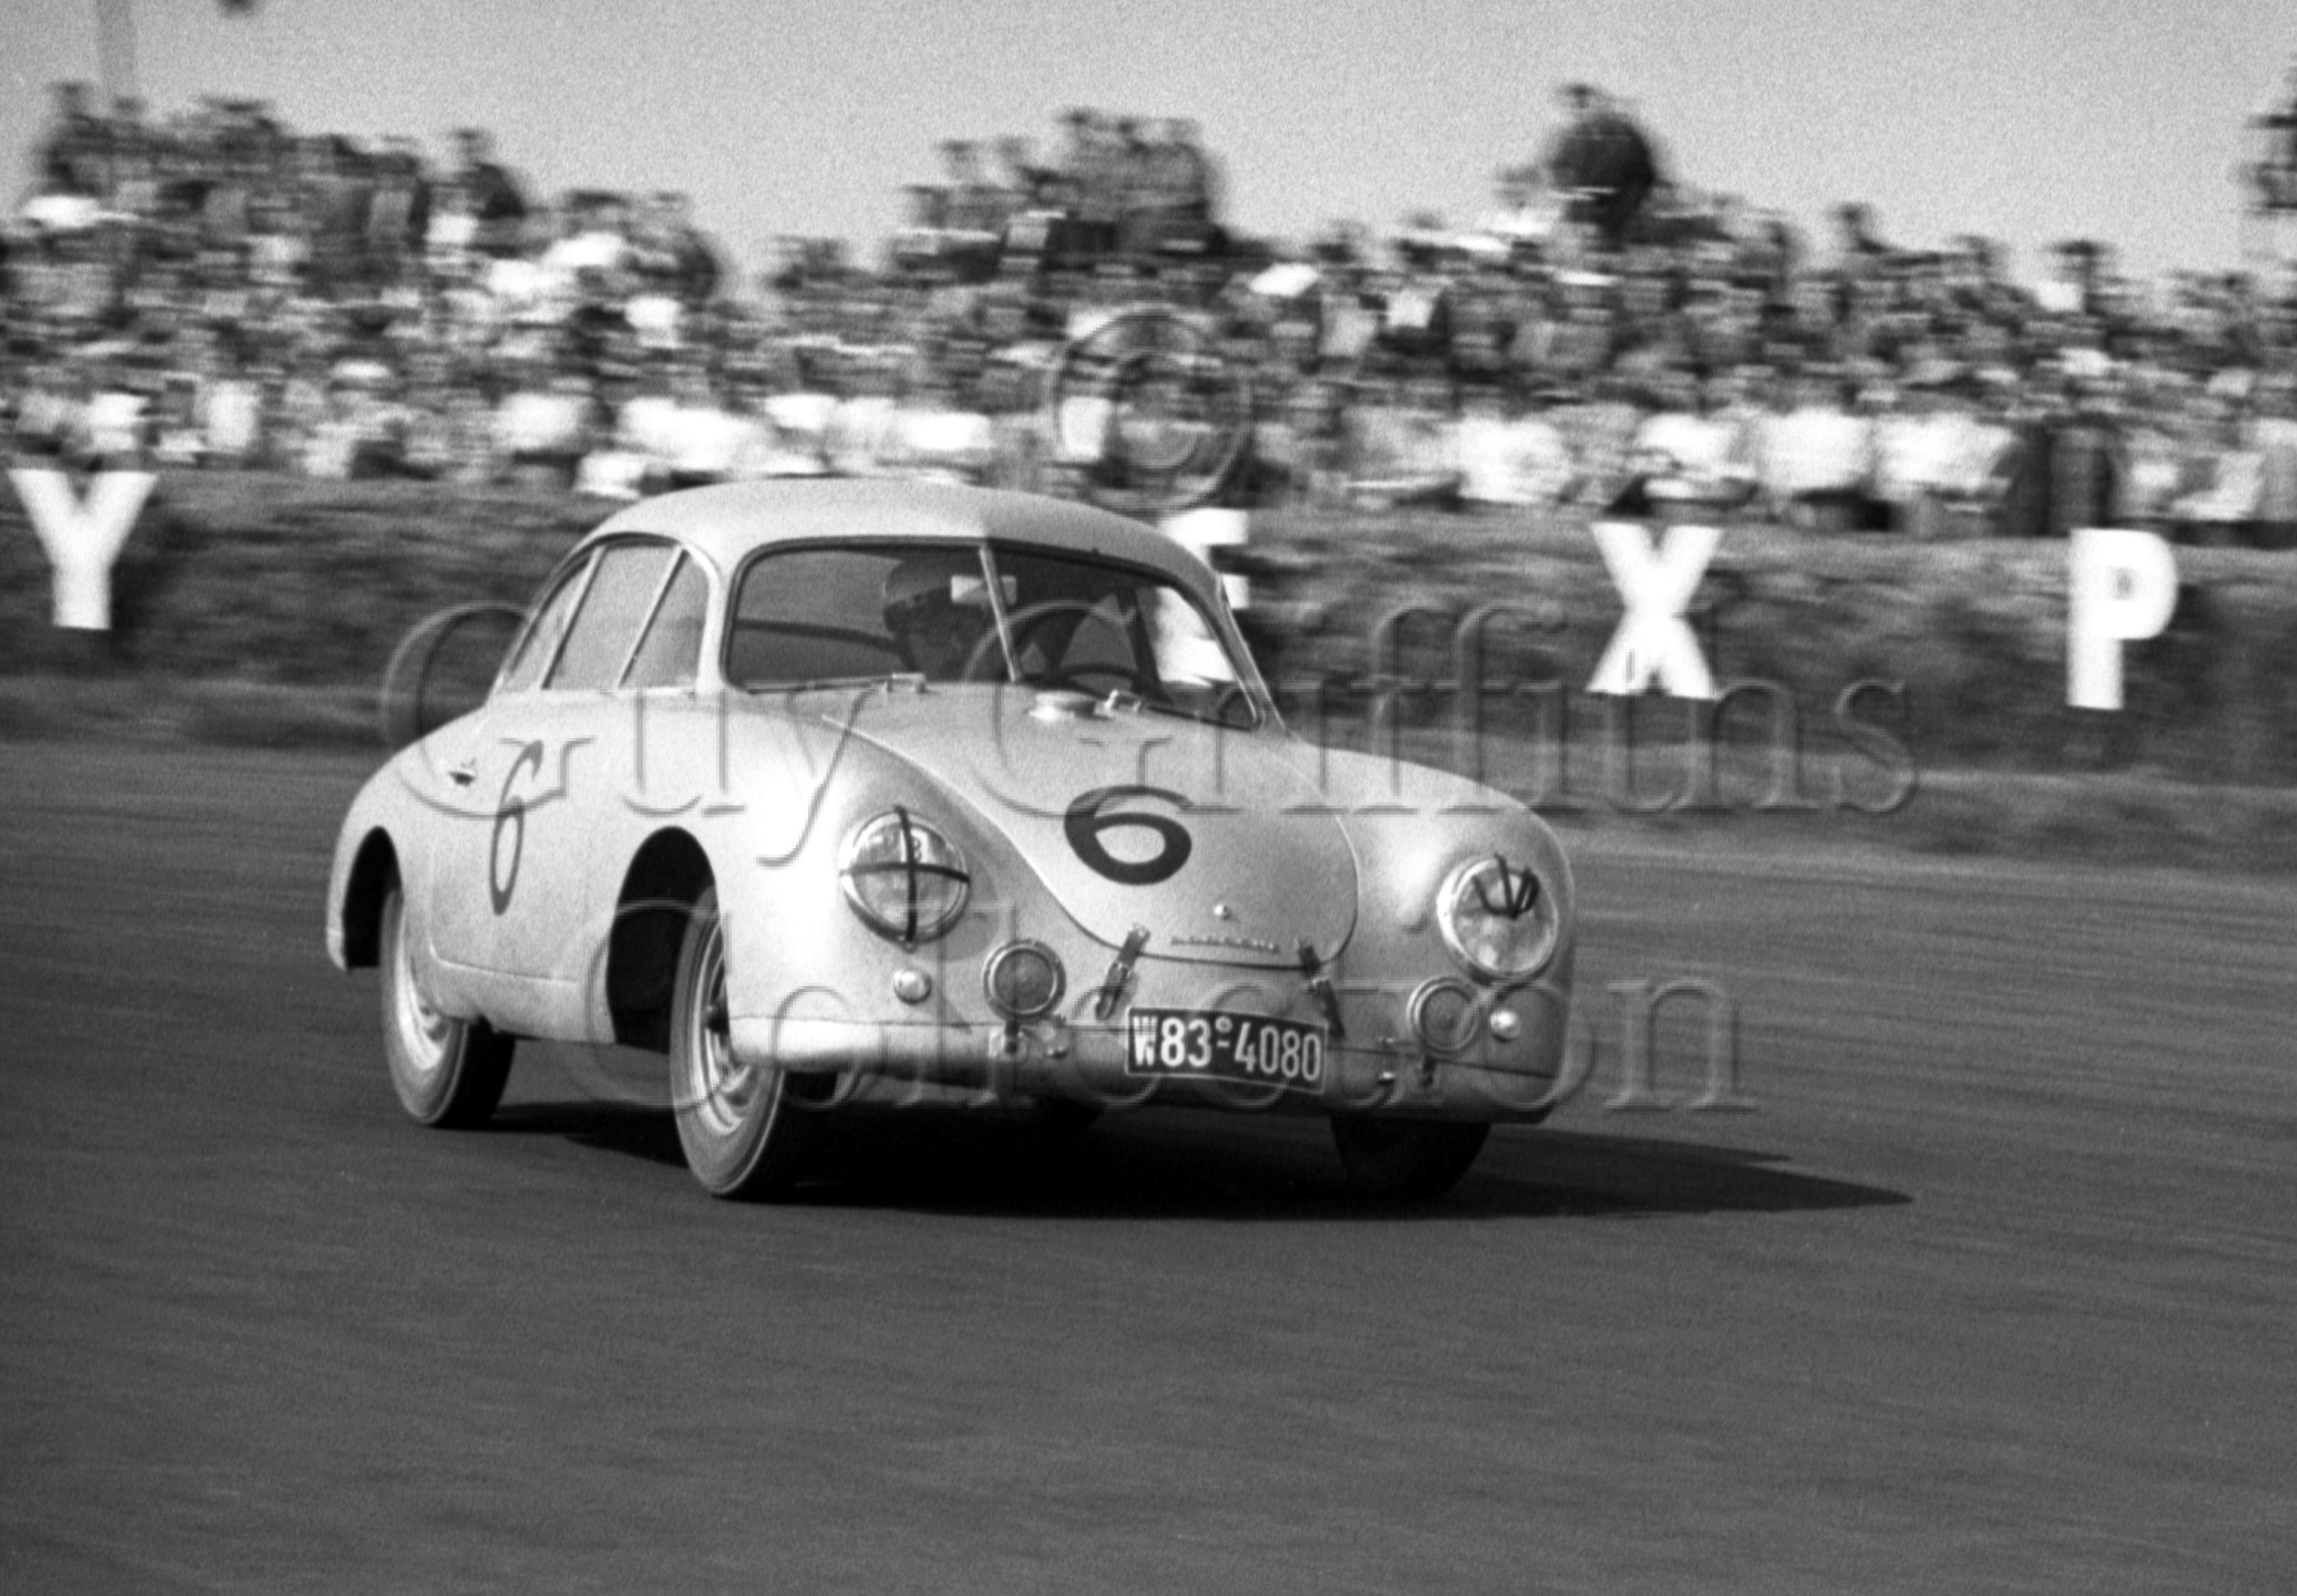 68-843–Baron-von-Hanstein–Porsche–Silverstone–09-05-1953.jpg - Guy Griffiths Collection